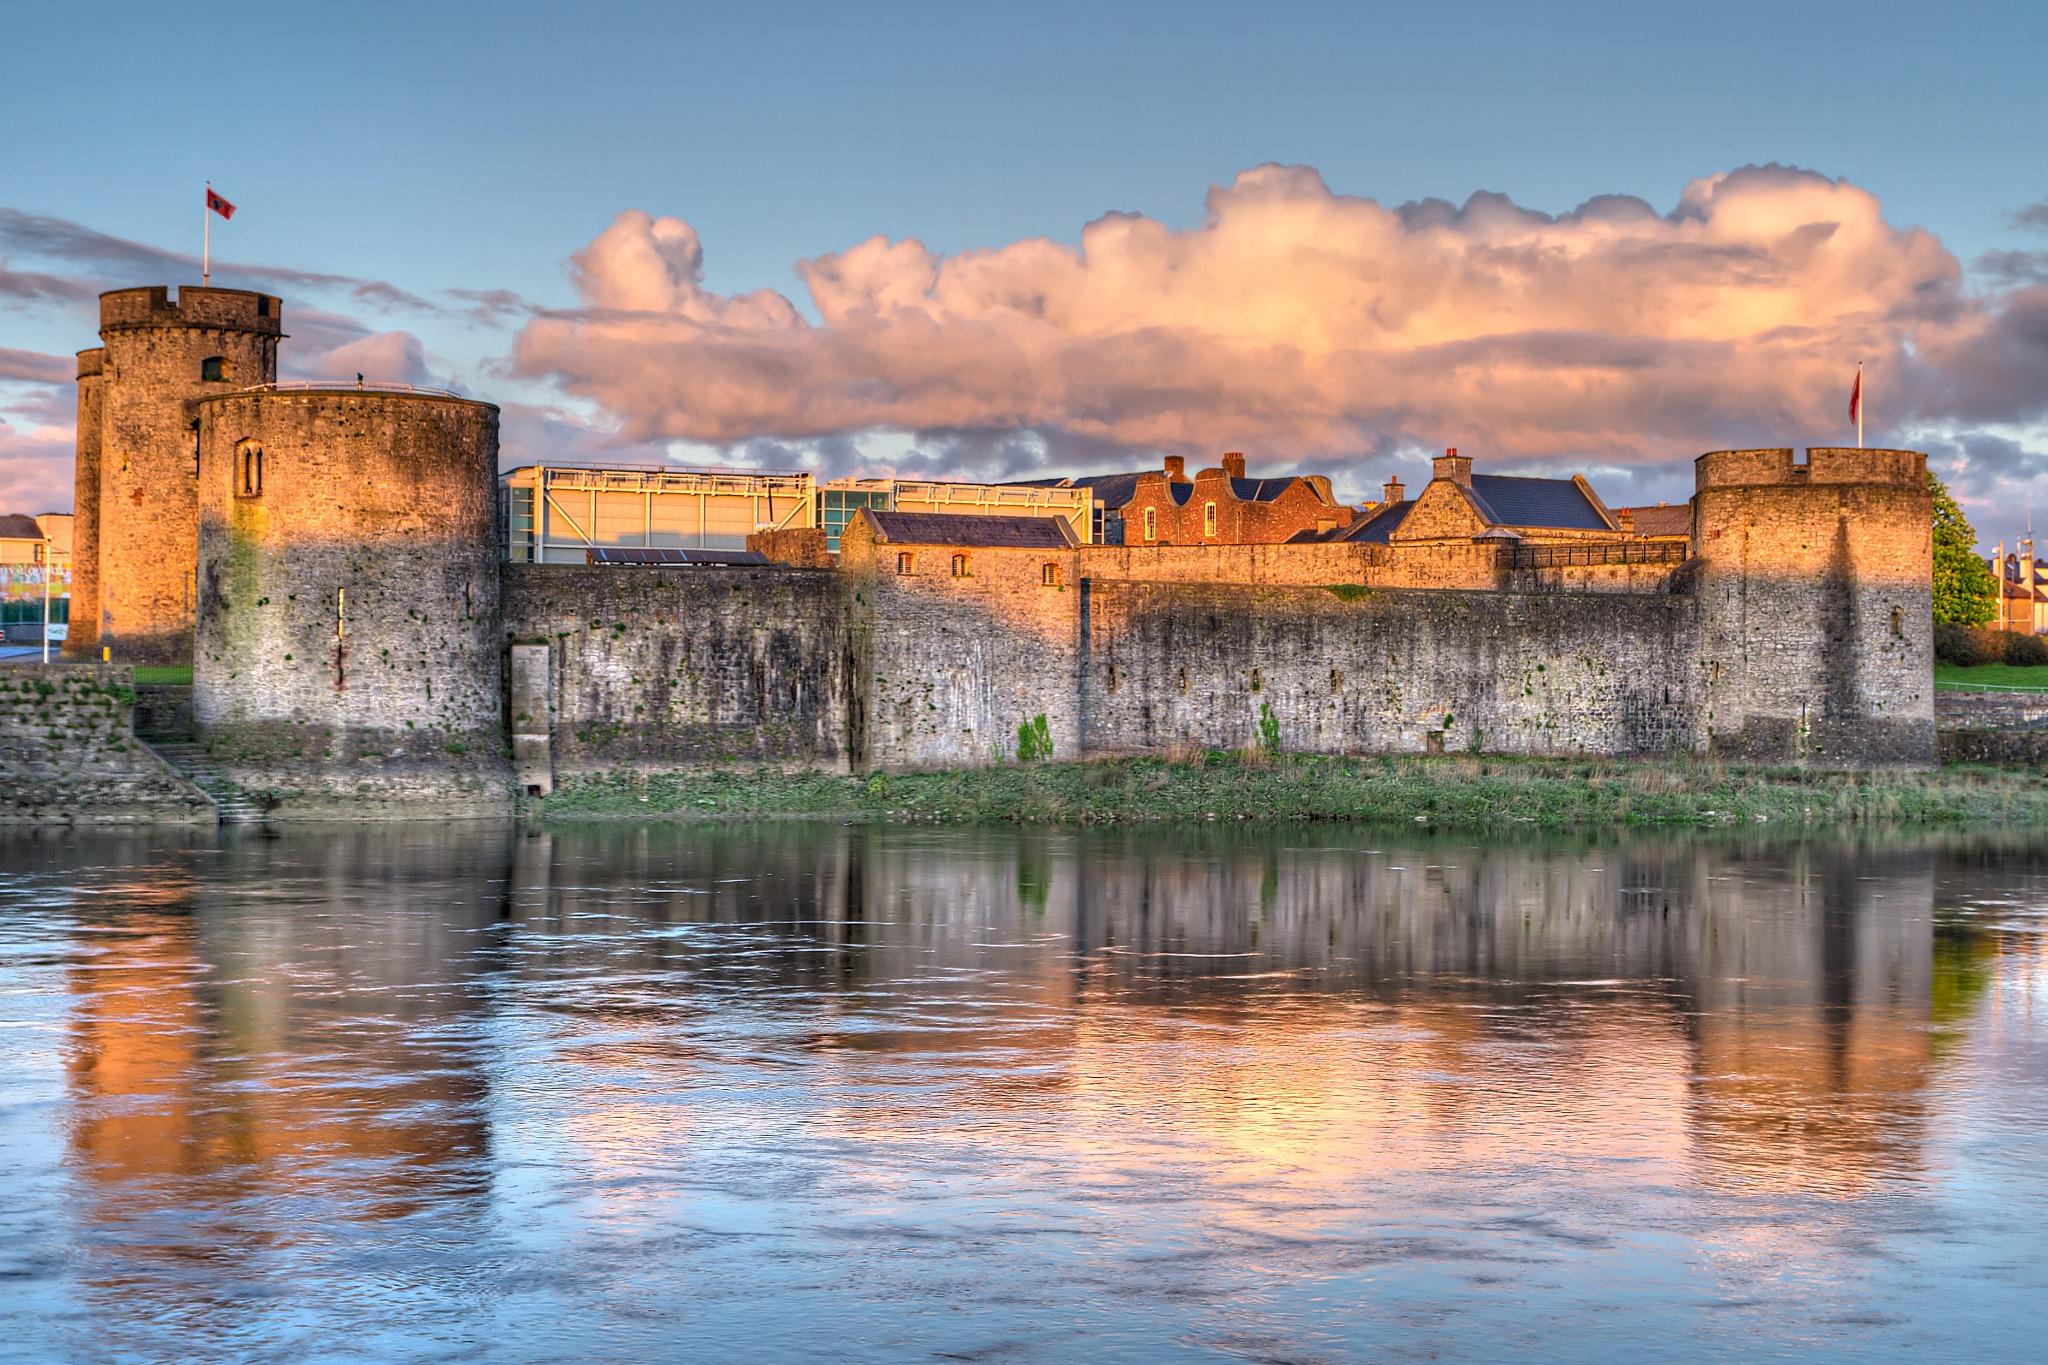 King John Castle in Ireland